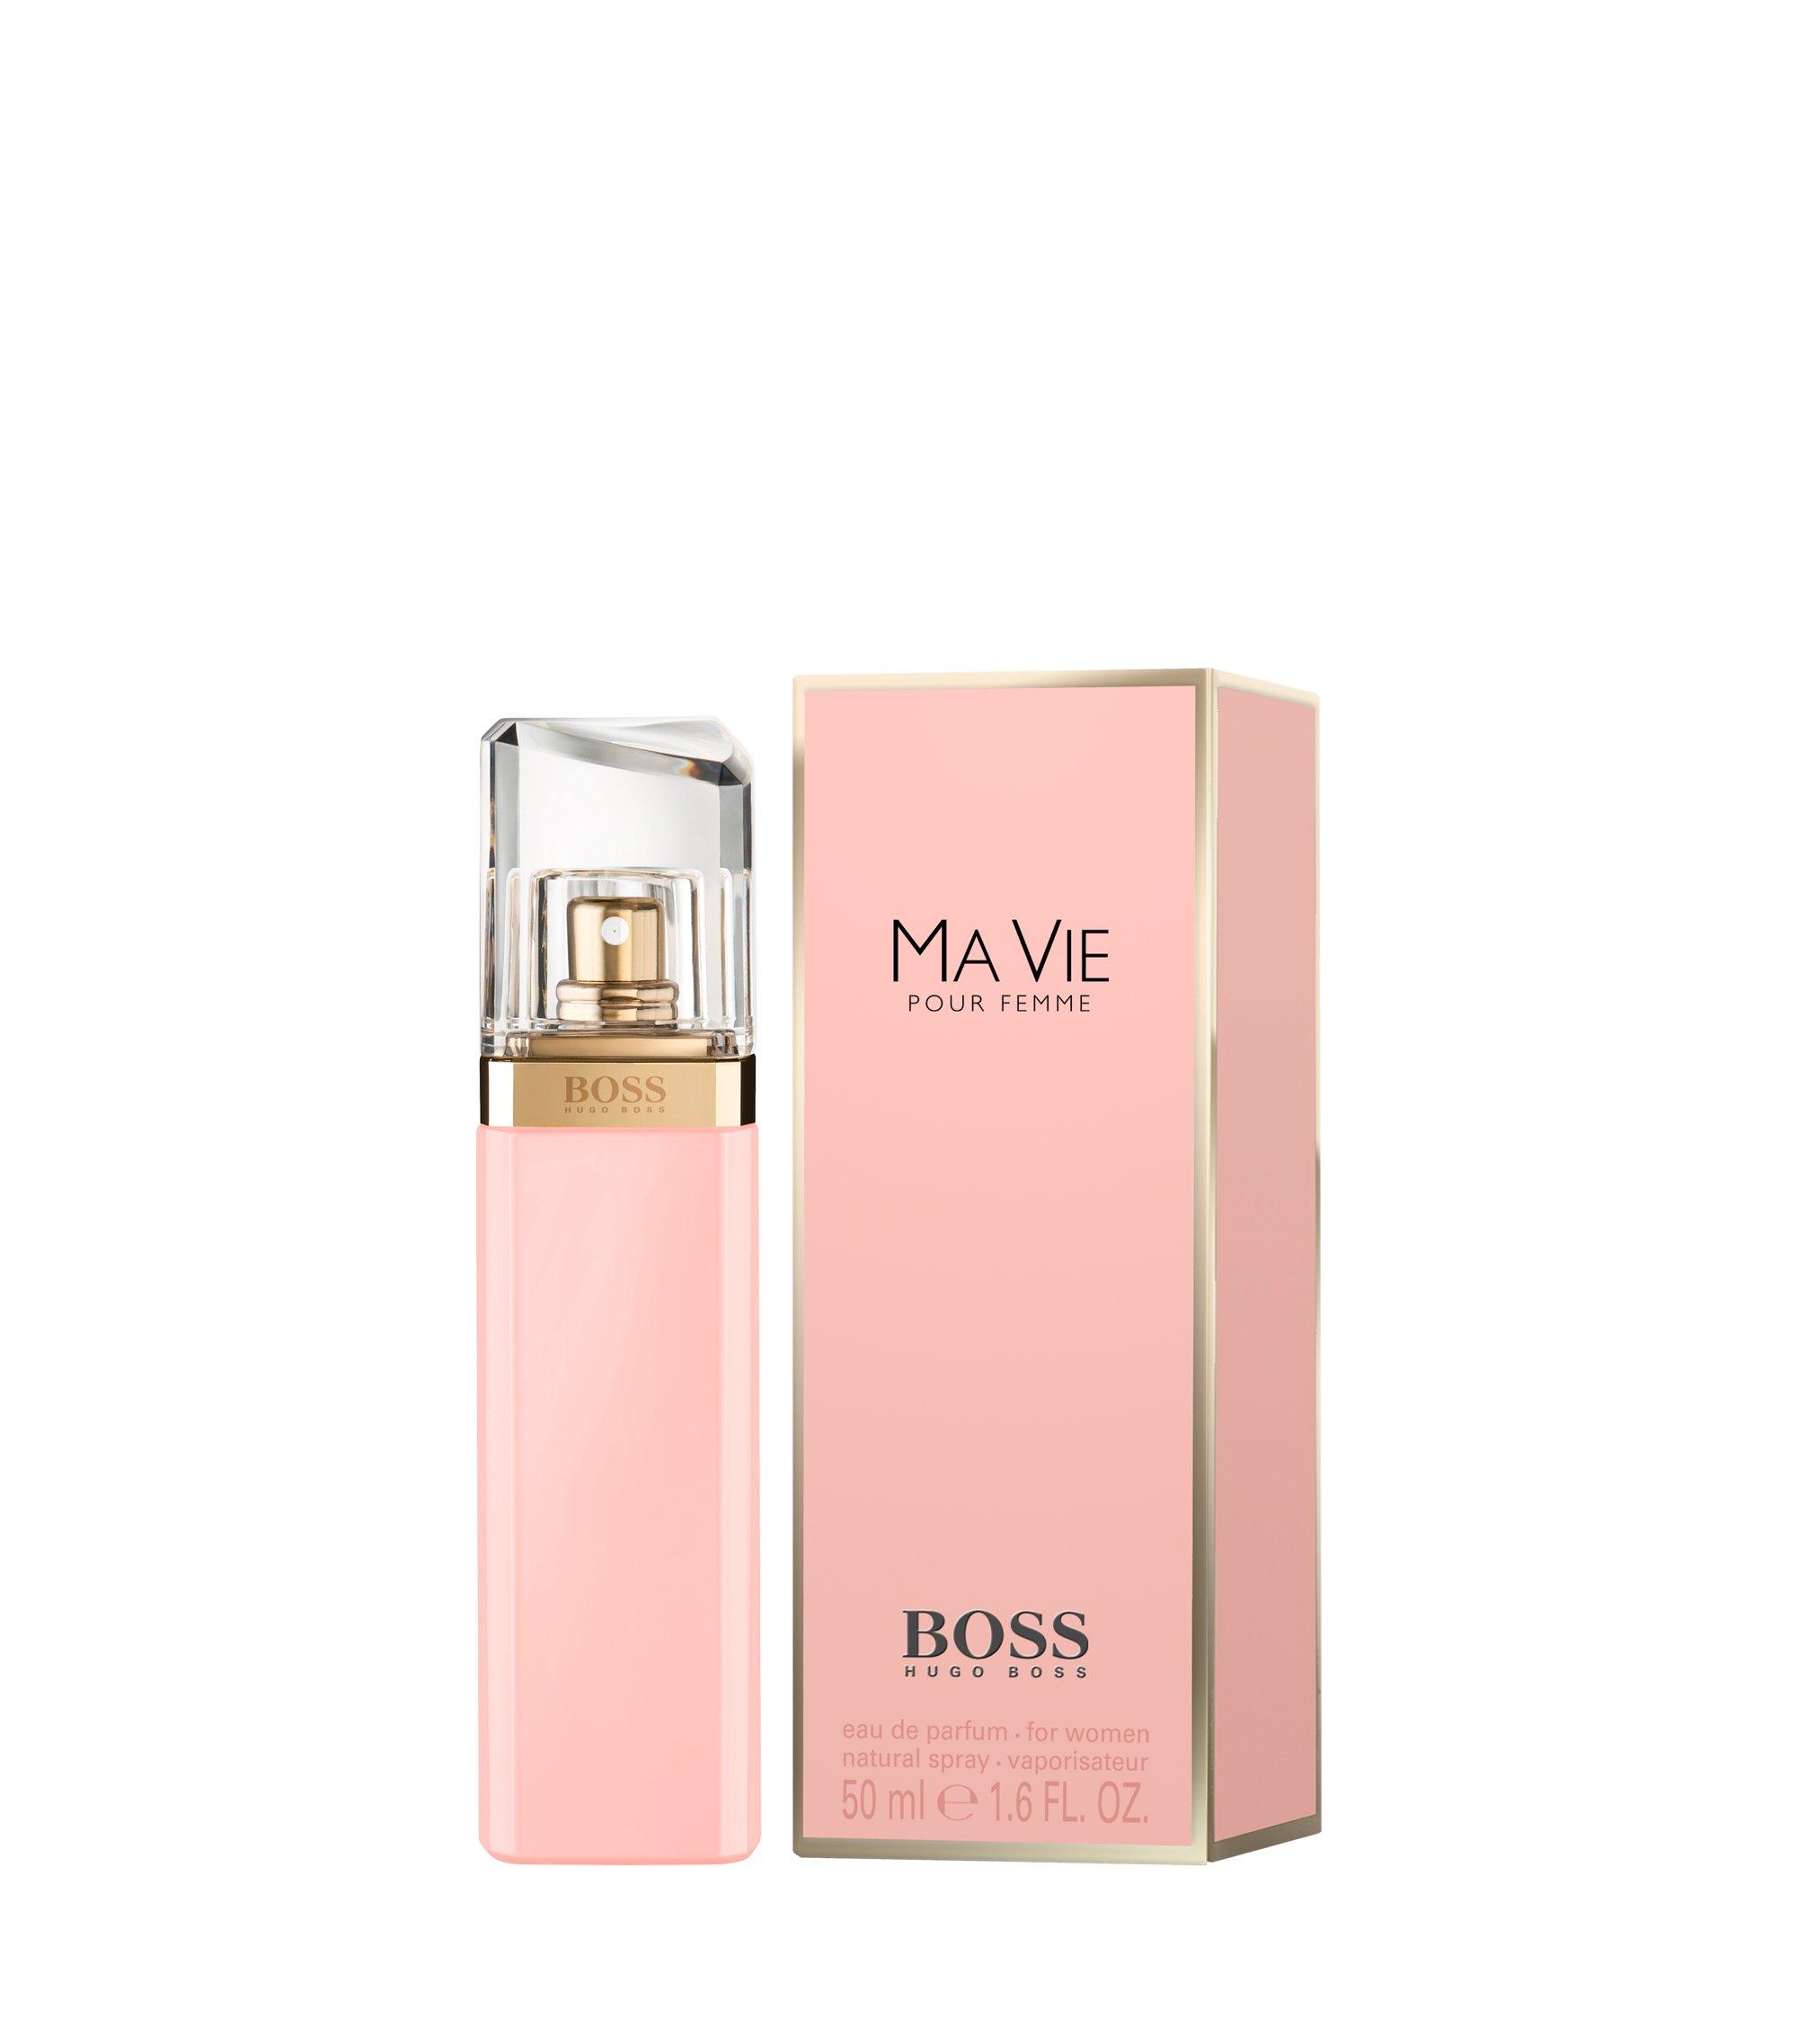 BOSS Ma Vie Pour Femme Eau de Parfum 50ml, Assorted-Pre-Pack